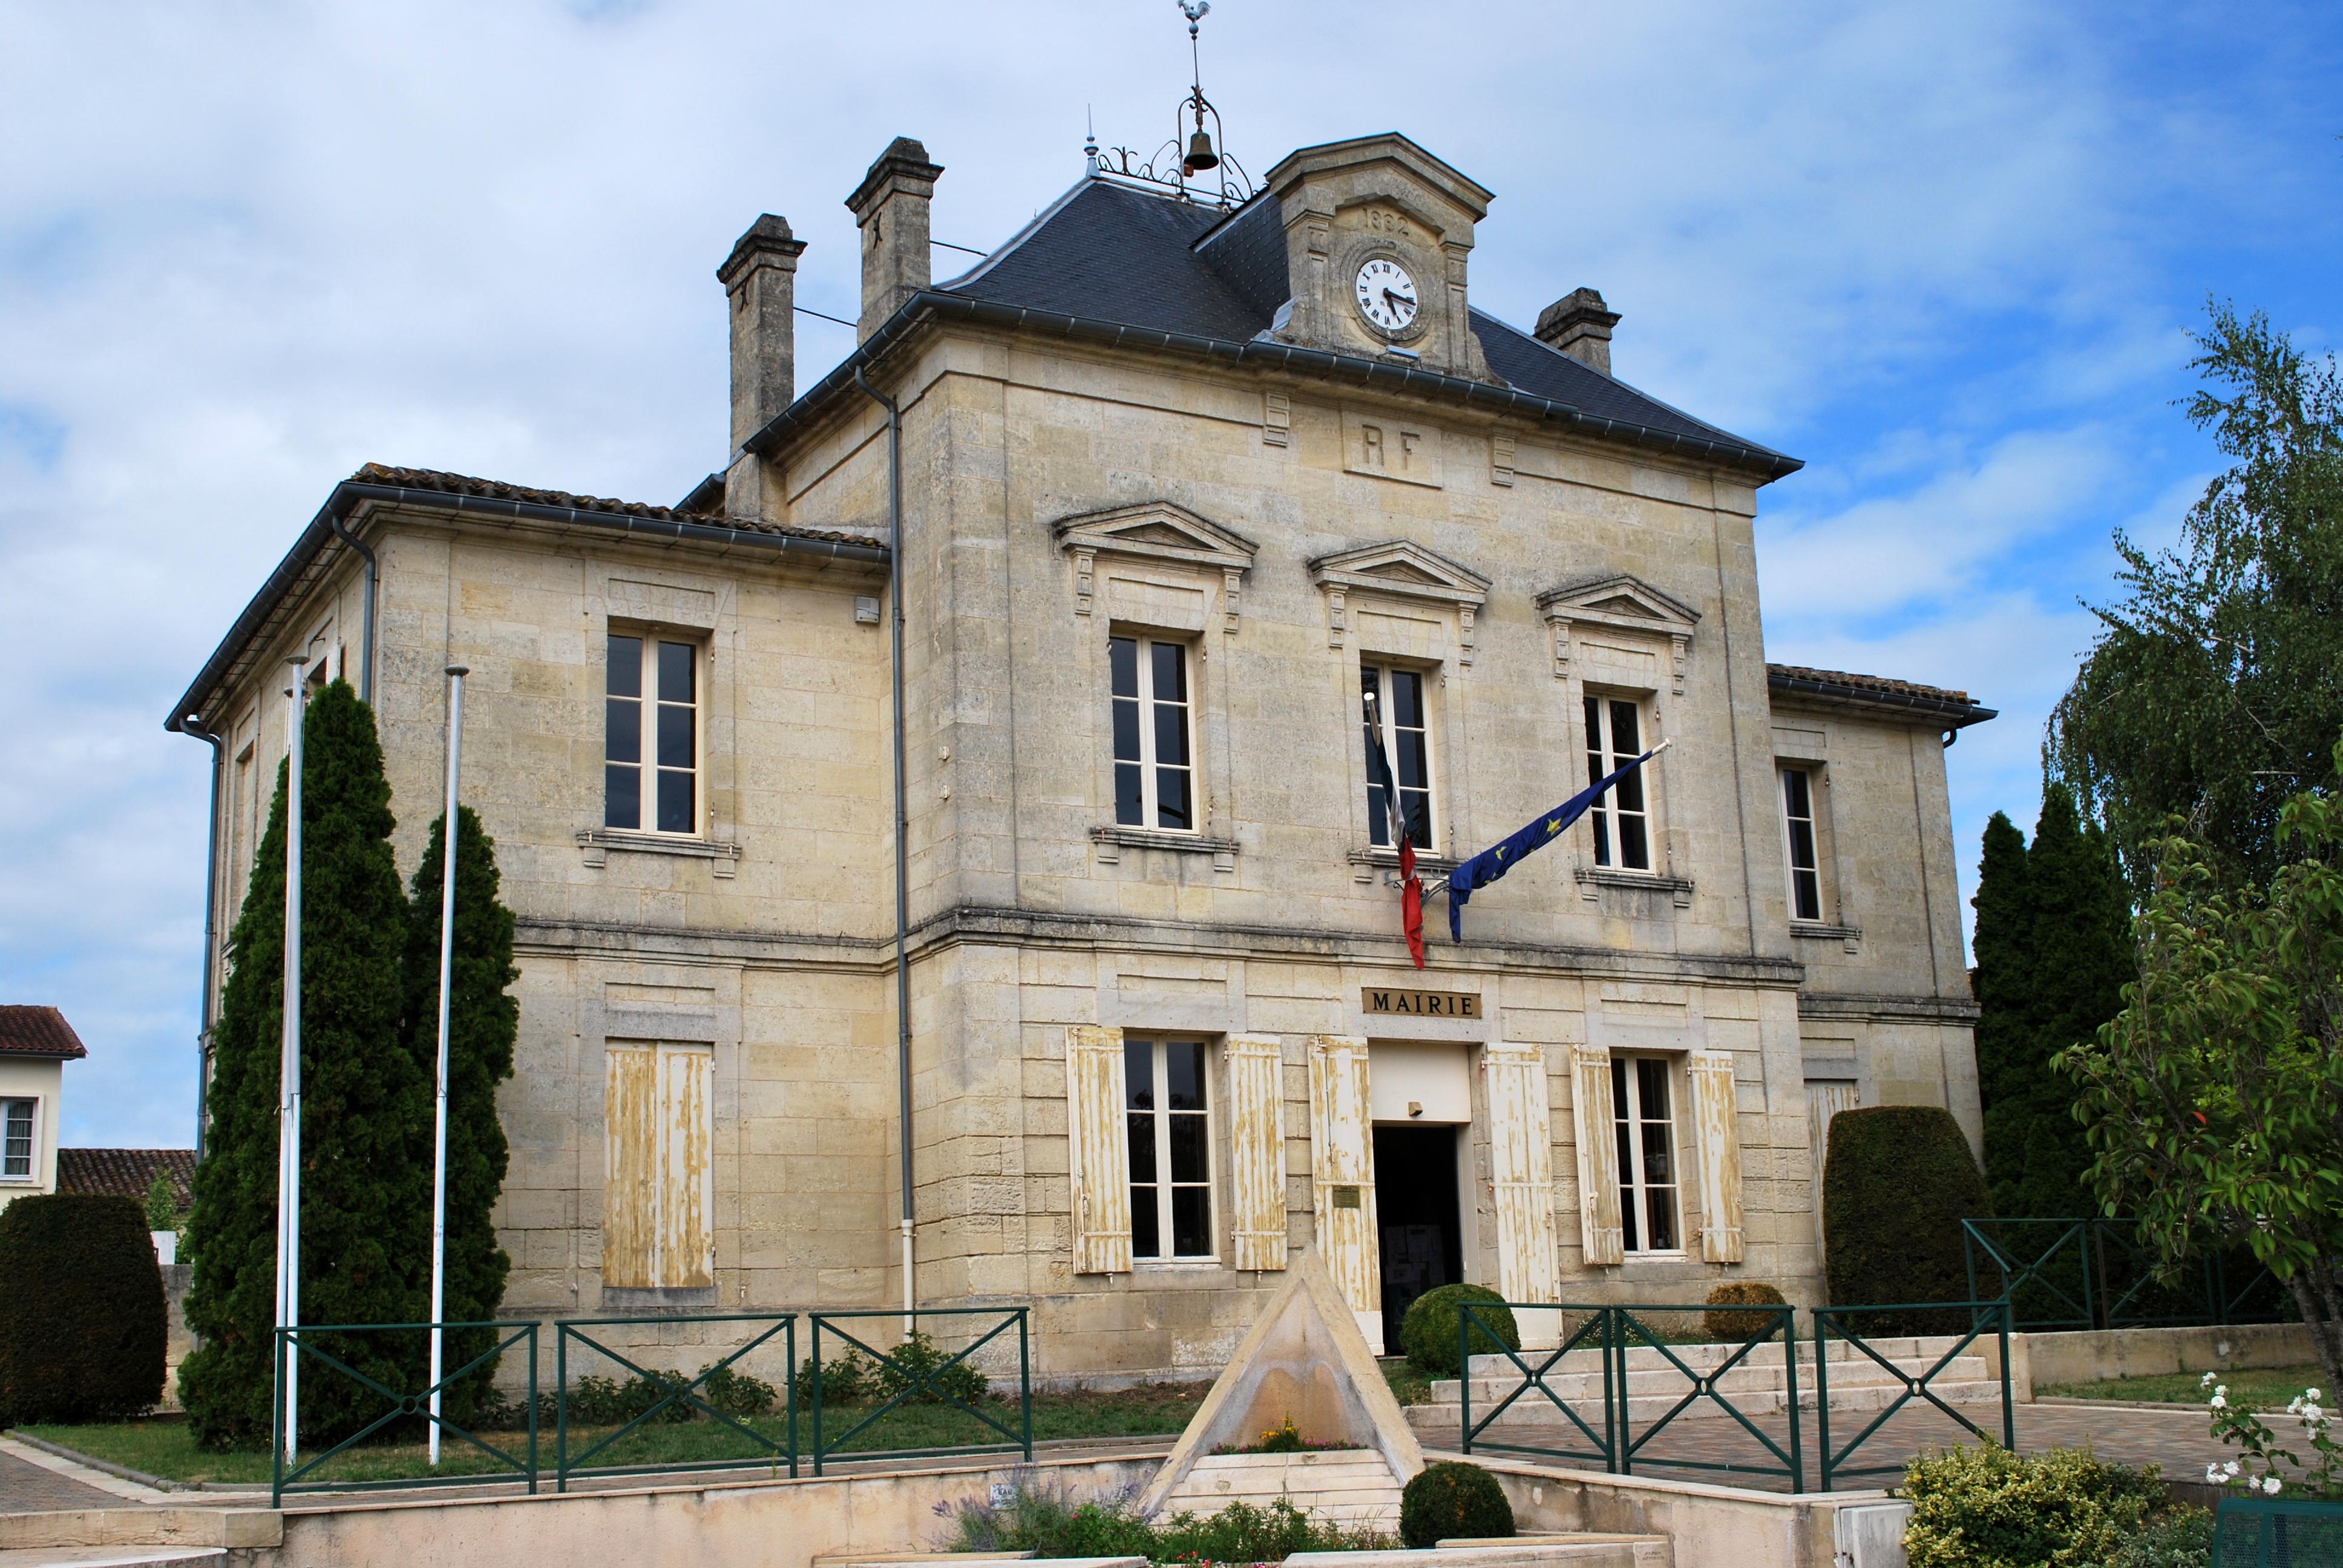 Saint-Germain-du-Puch